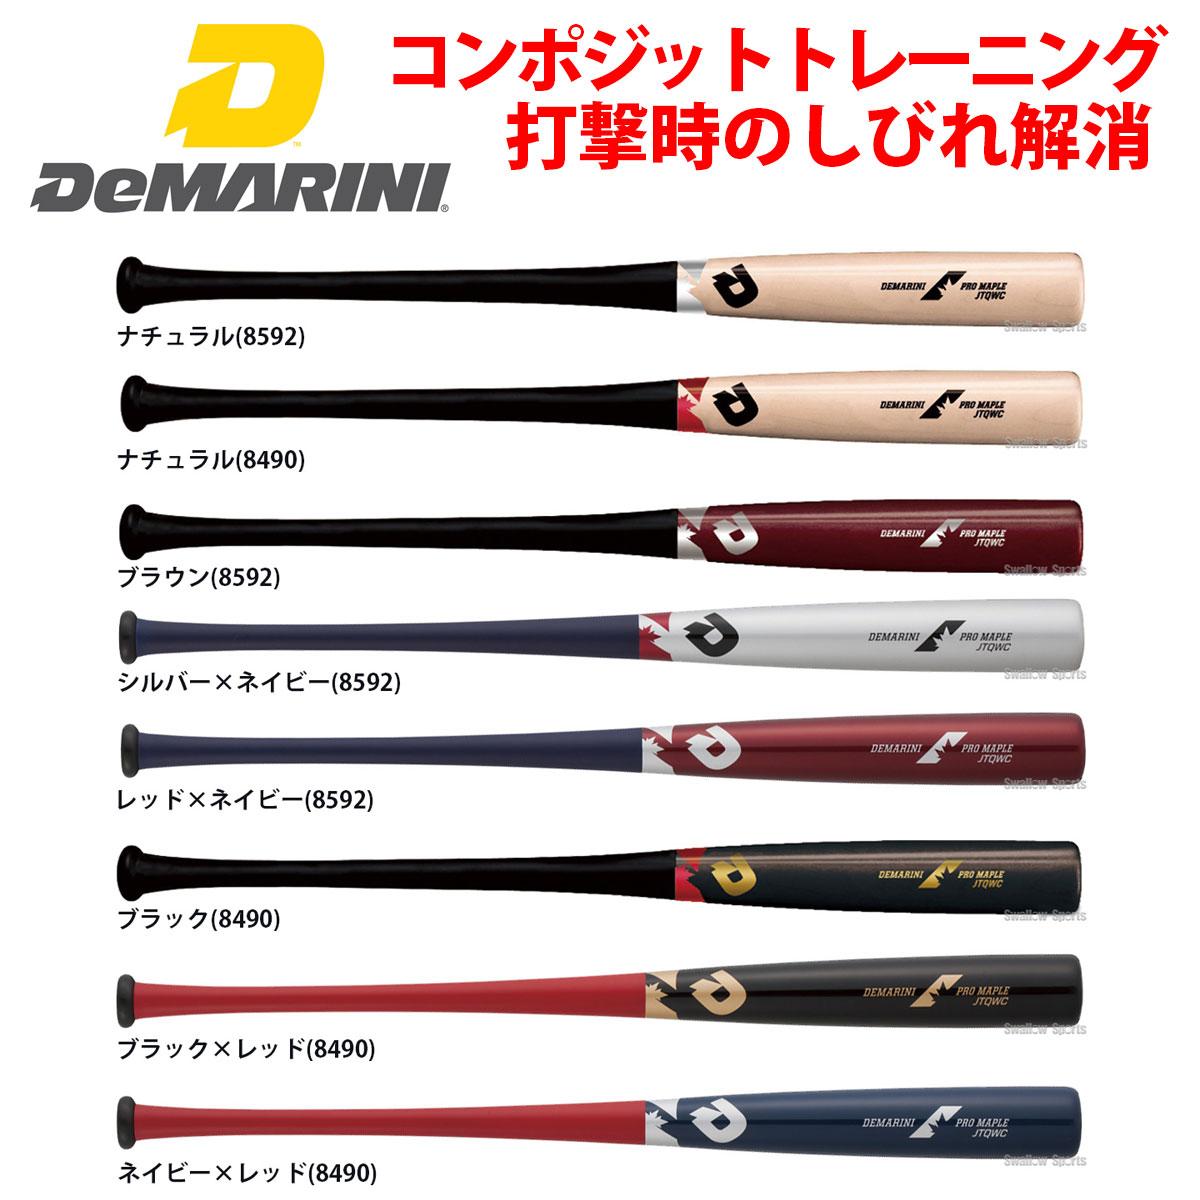 【あす楽対応】 ウィルソン ディマリニ プロメープル コンポジット トレーニング バット WTDXJTQWC 野球用品 スワロースポーツ